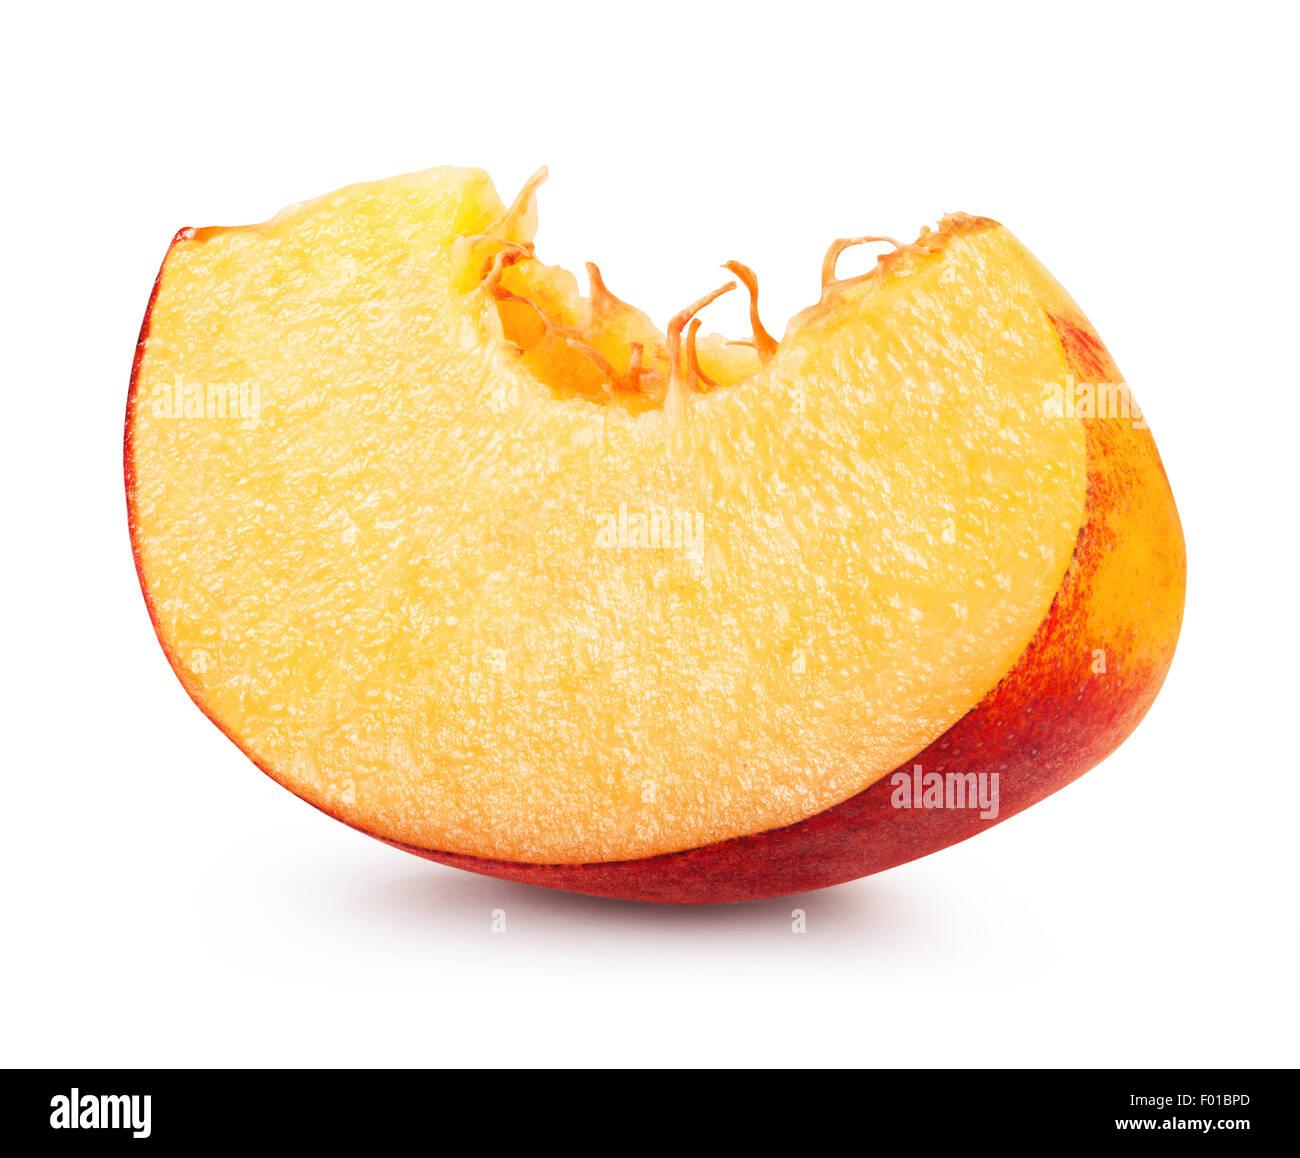 Peach slice isolati su sfondo bianco. Tracciato di ritaglio Immagini Stock